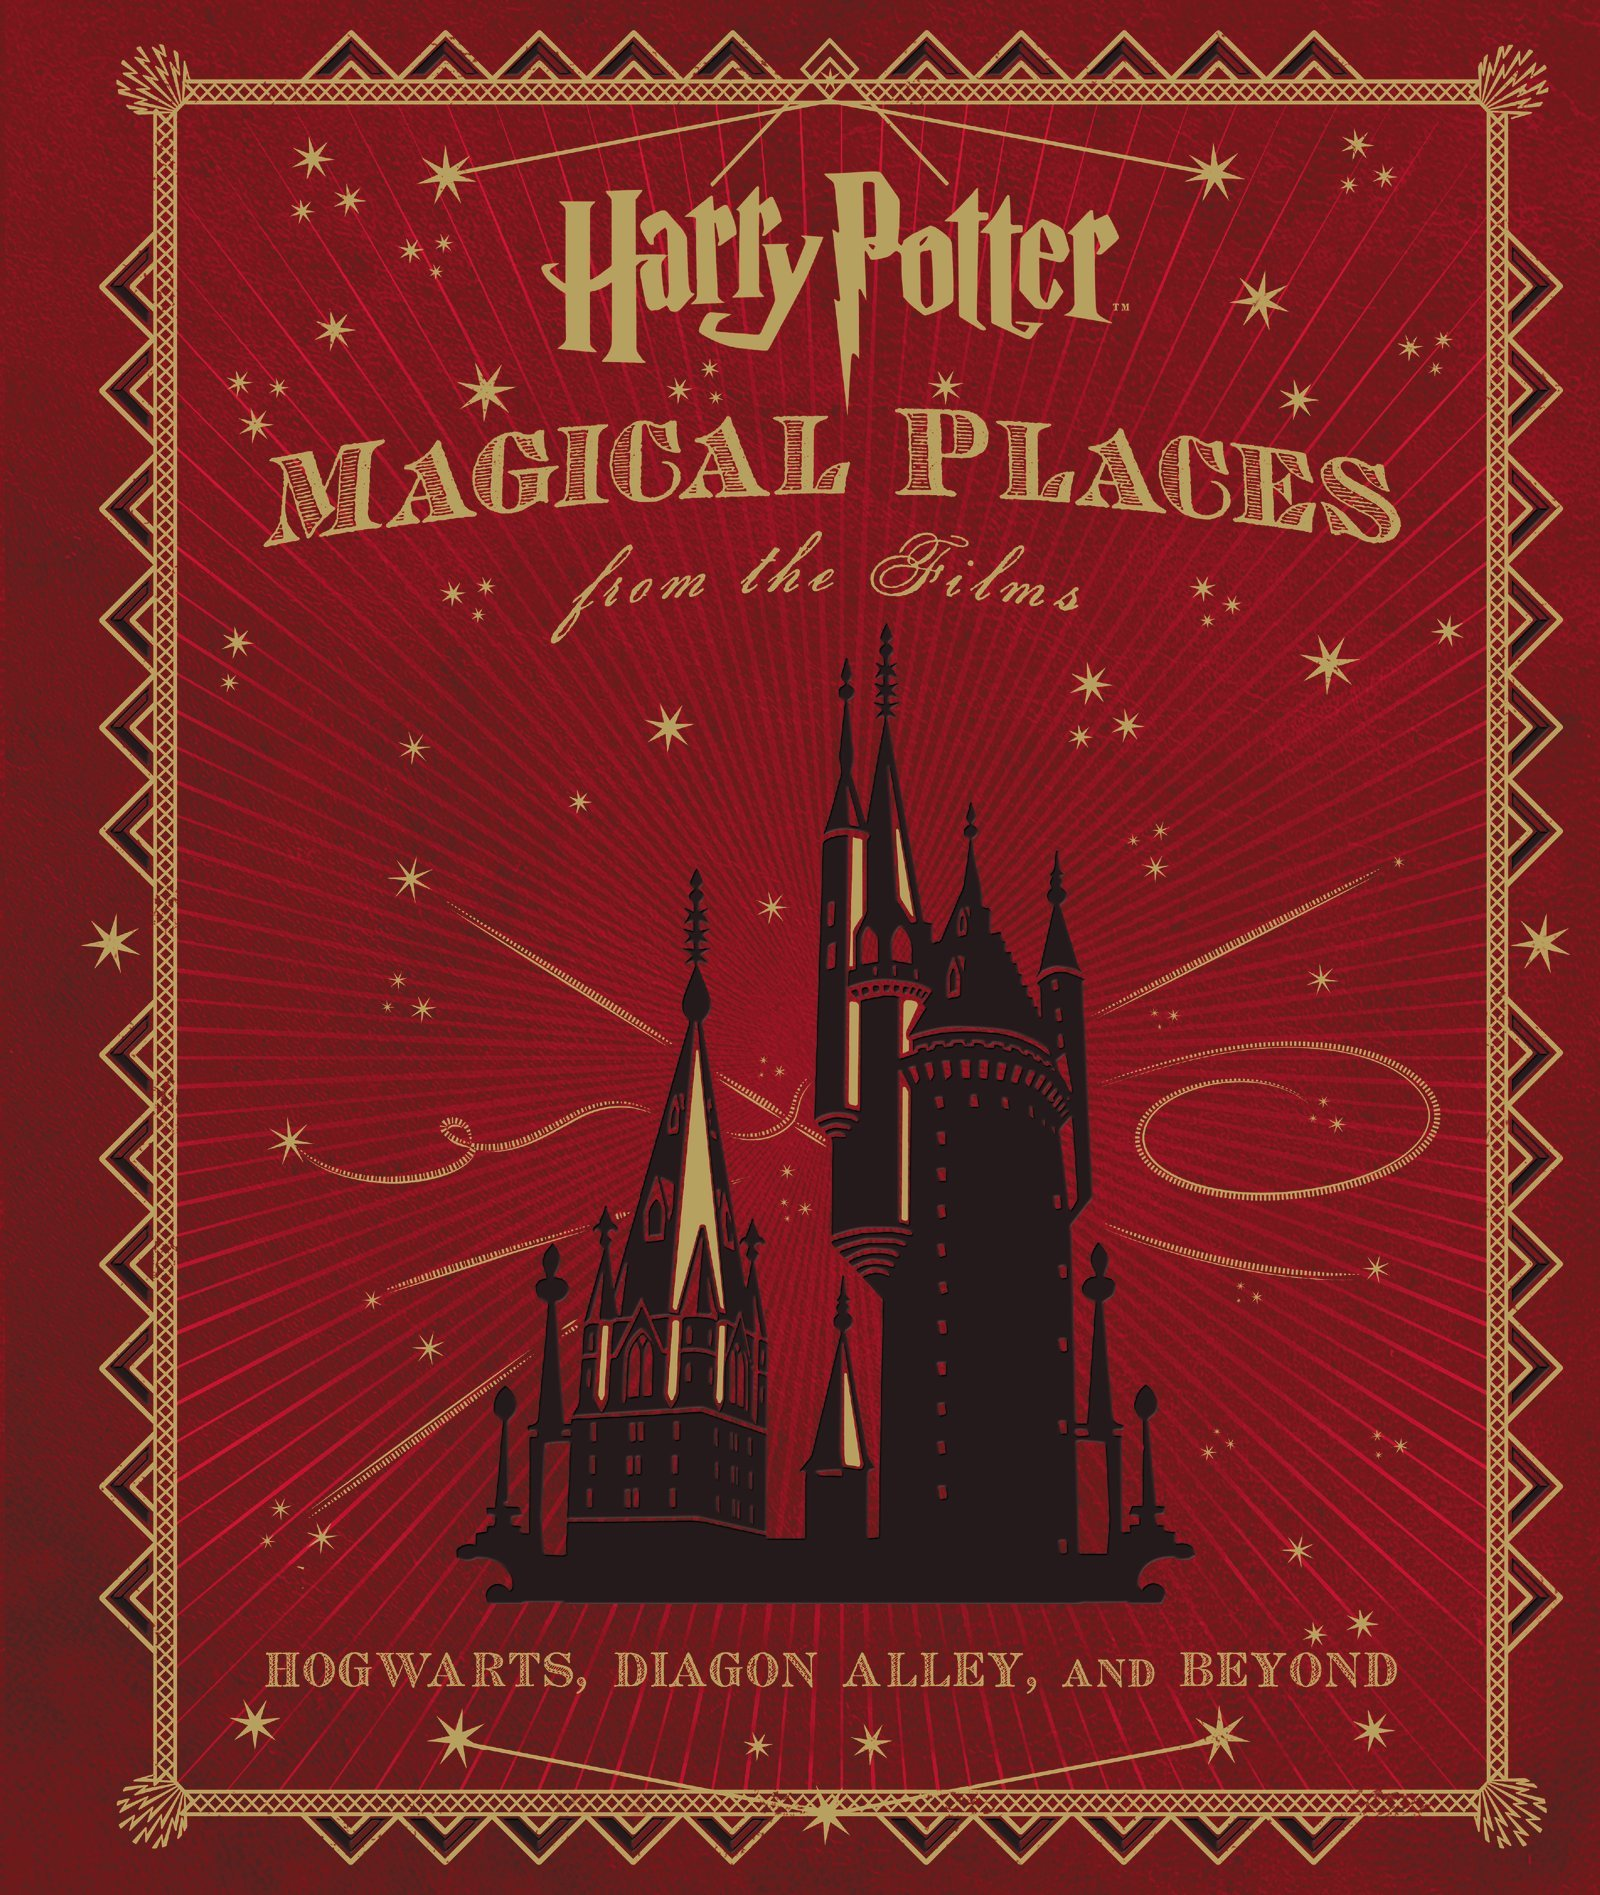 Nouveaux livres sur l'univers HP ? - Page 4 91G0A7eychL